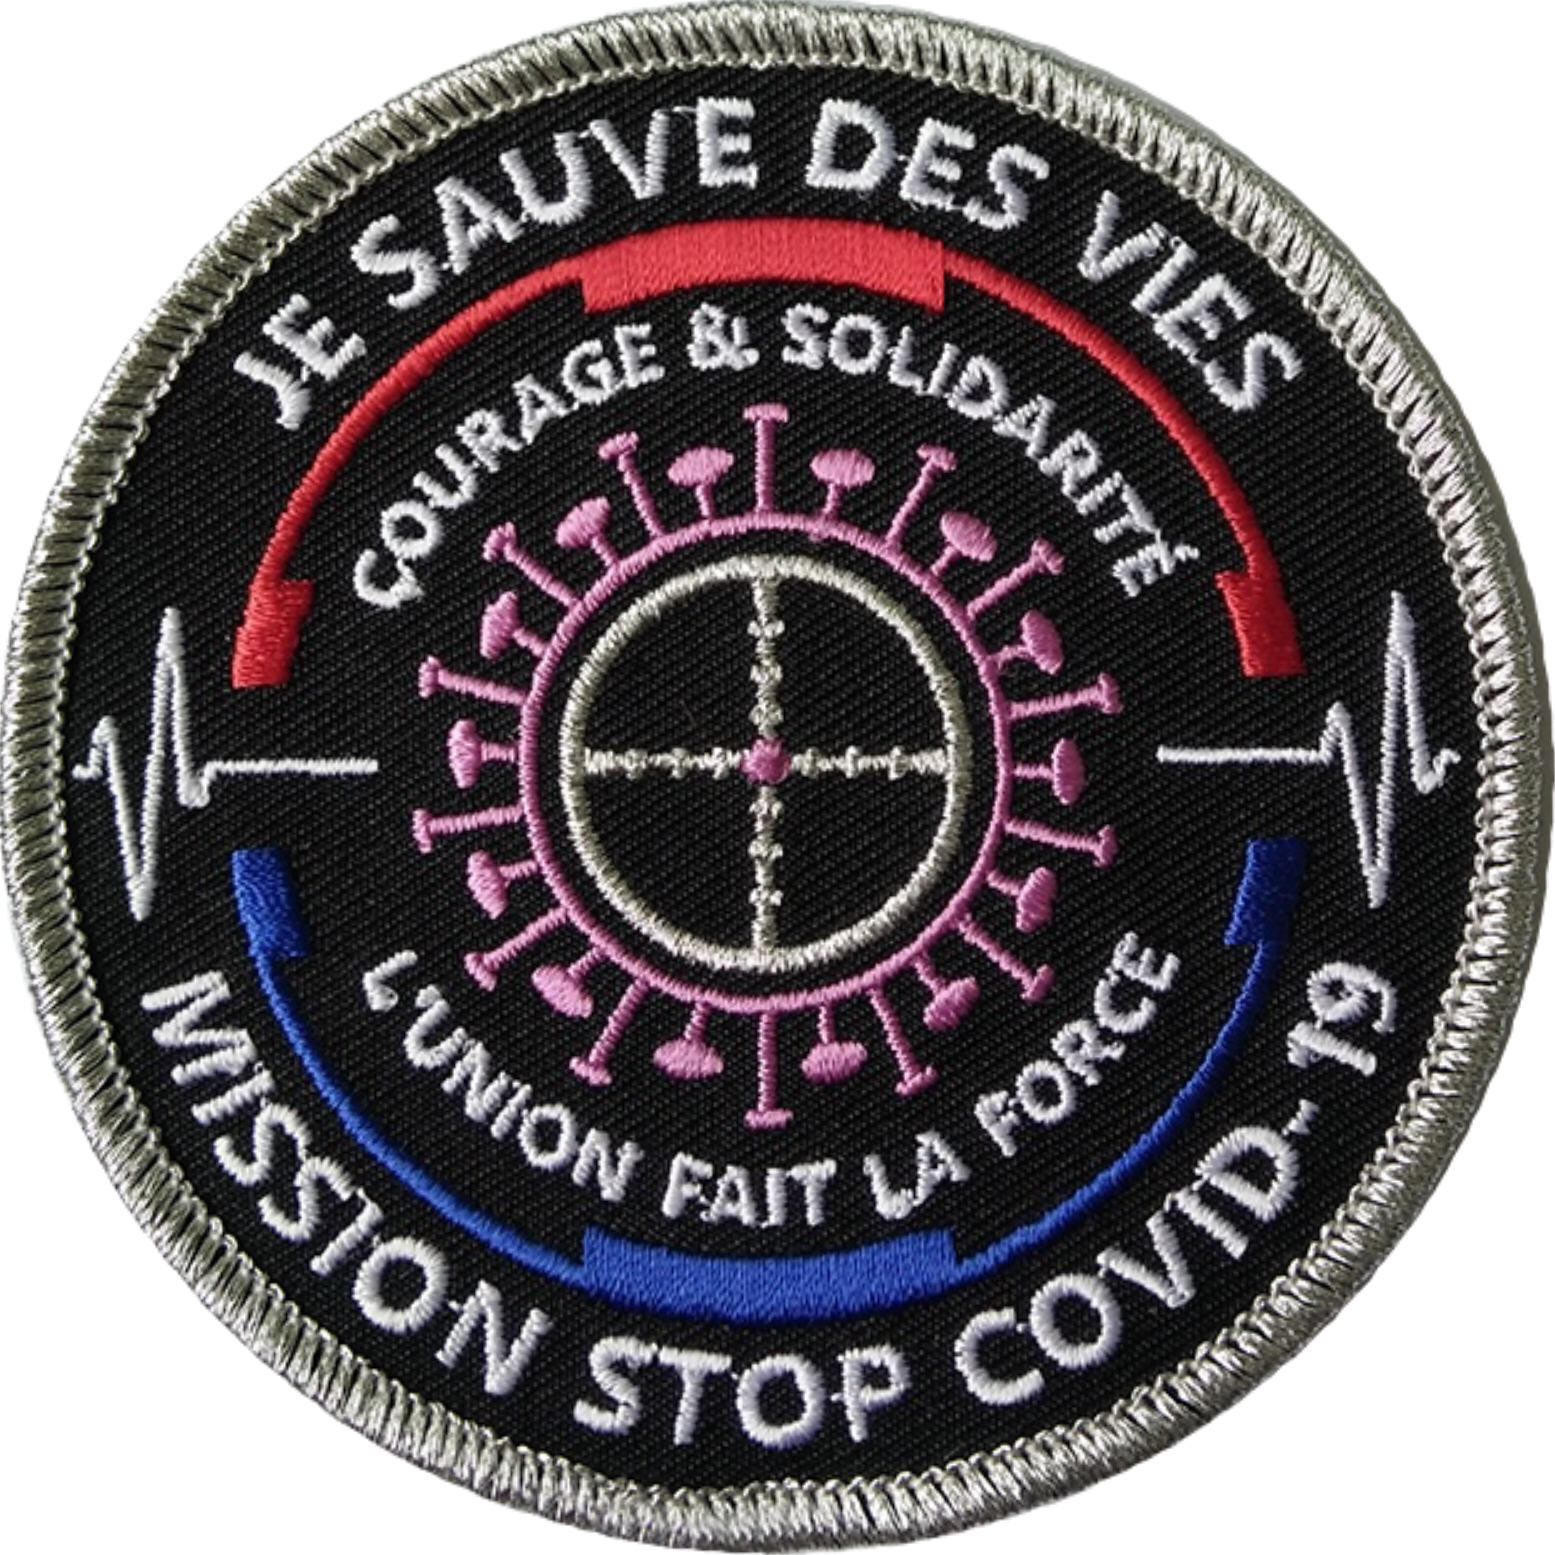 ÉCUSSON JE SAUVE DES VIES MISSION STOP COVID-19